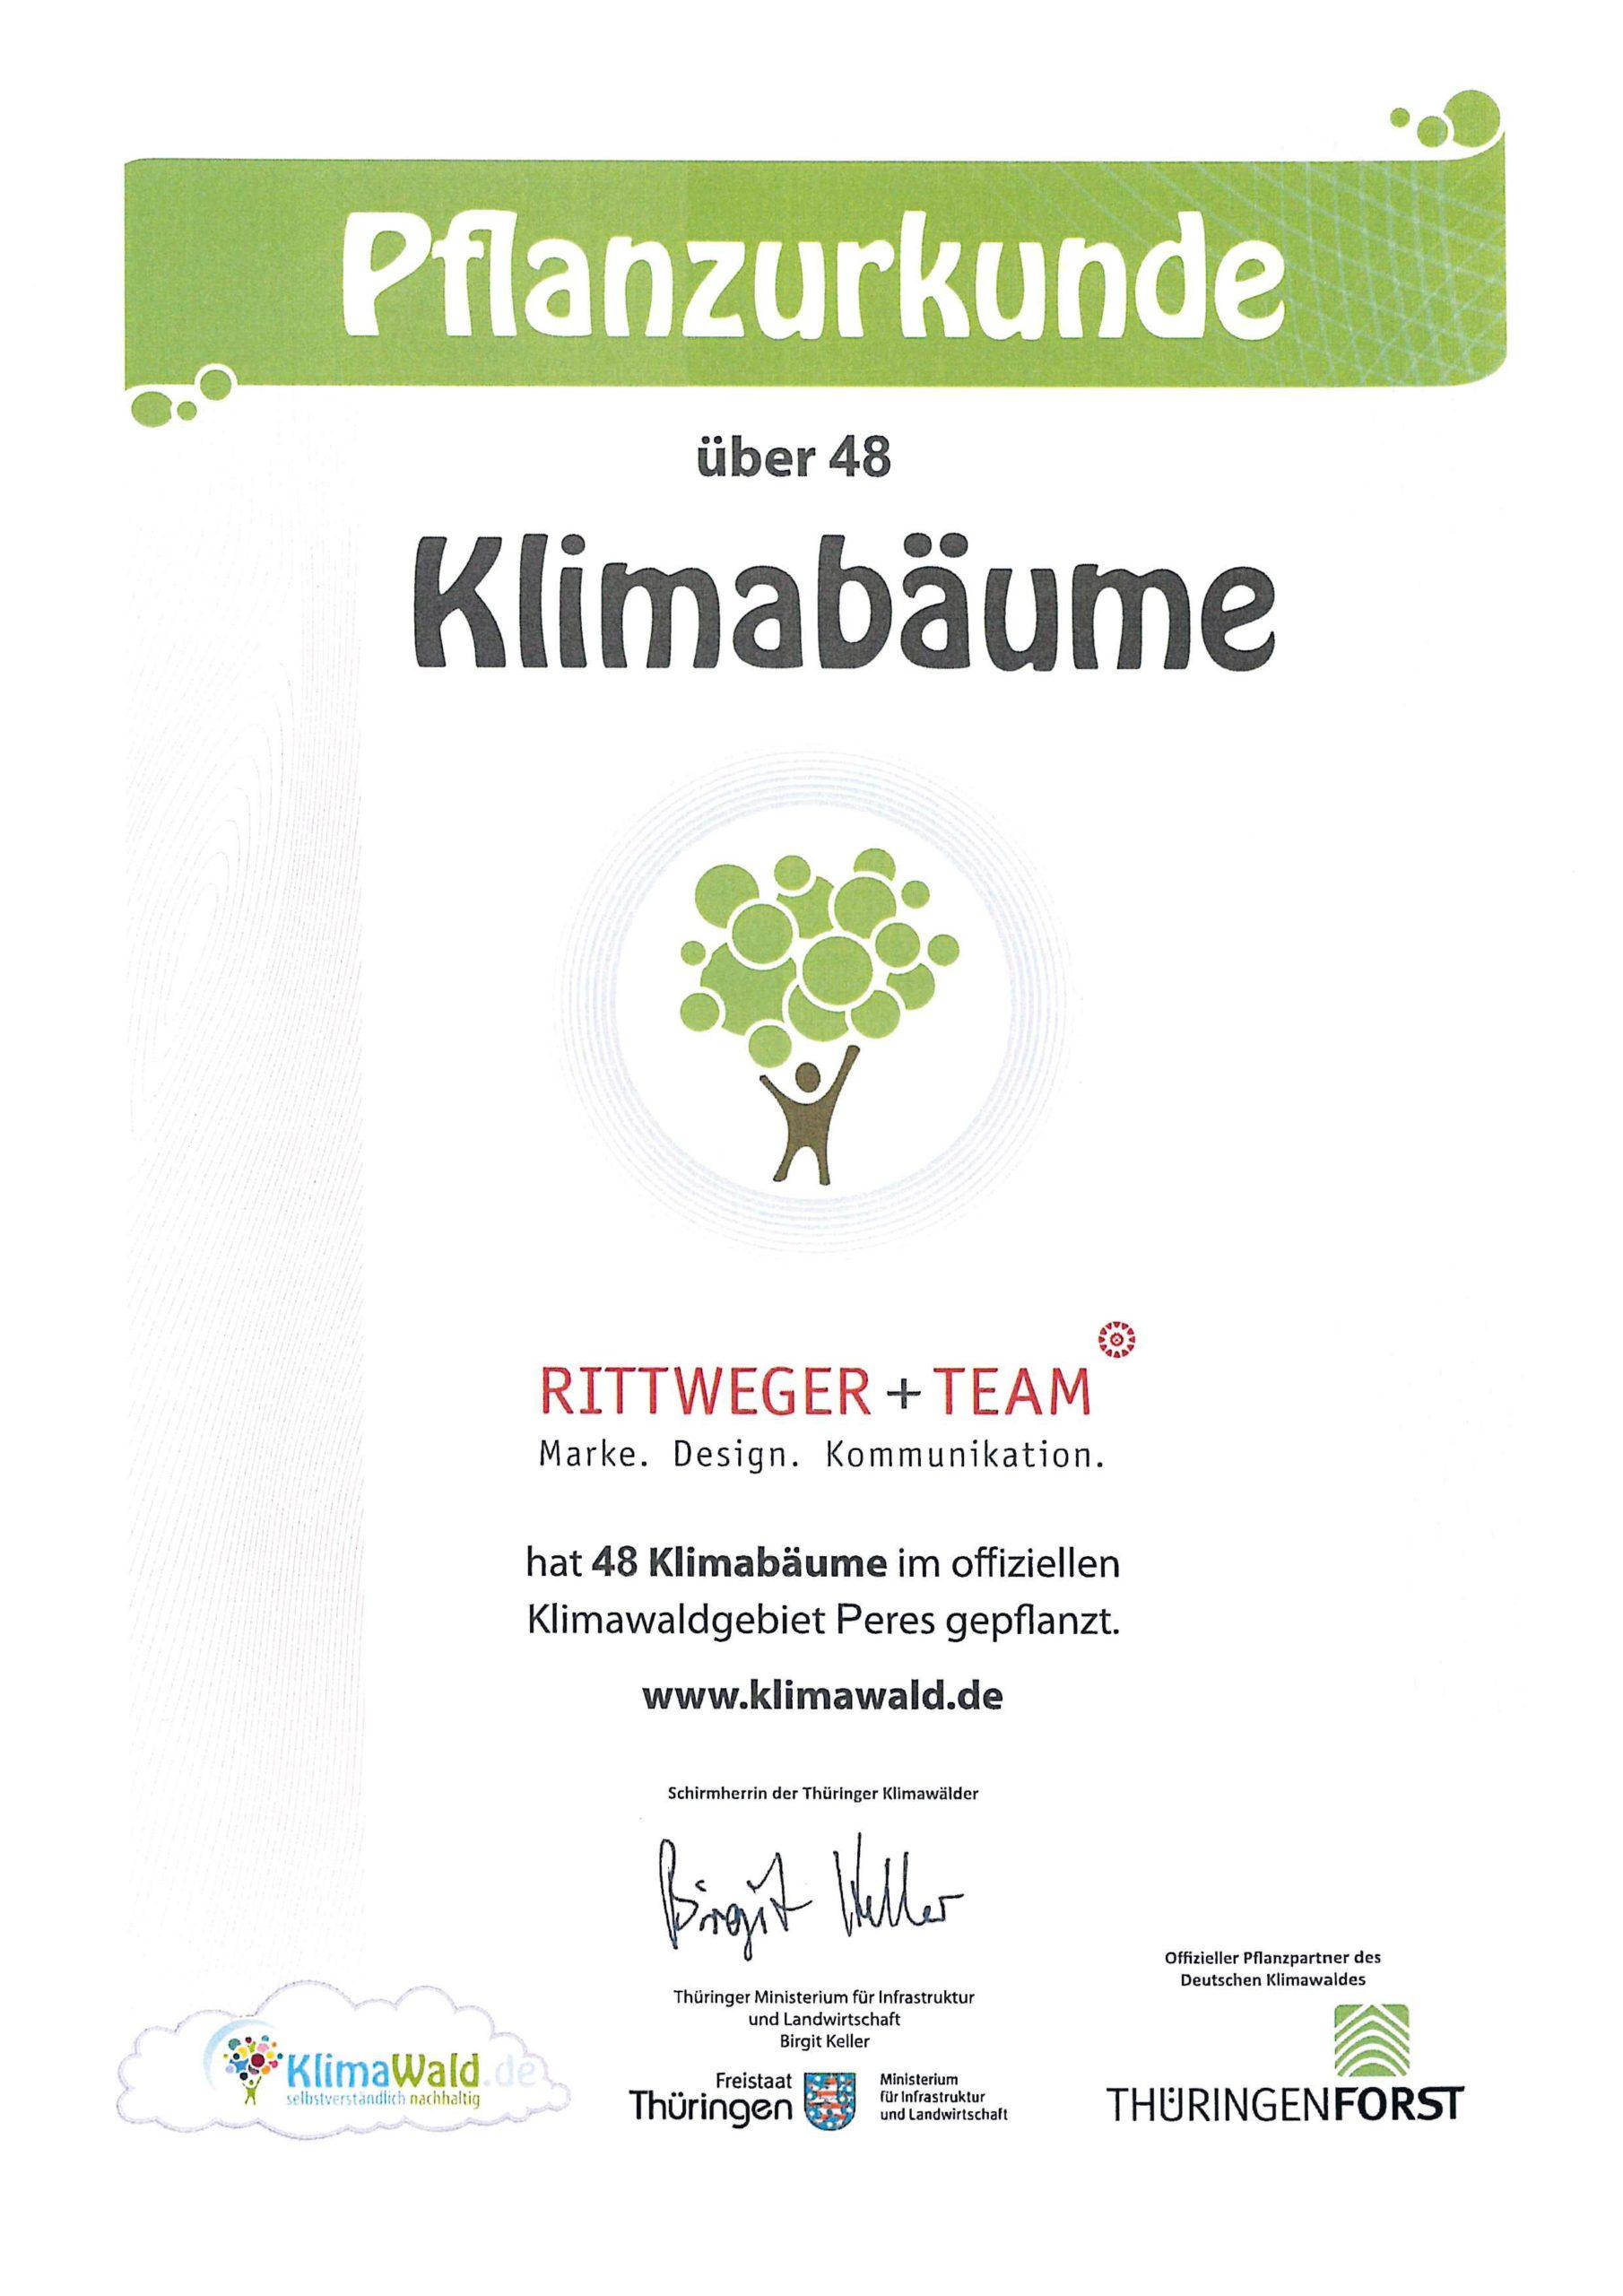 Klimaurkunde – RITTWEGER + TEAM Werbeagentur GmbH hat 48 Klimabäume im offiziellen Klimawaldgebiet Wollersleben gepflanzt.